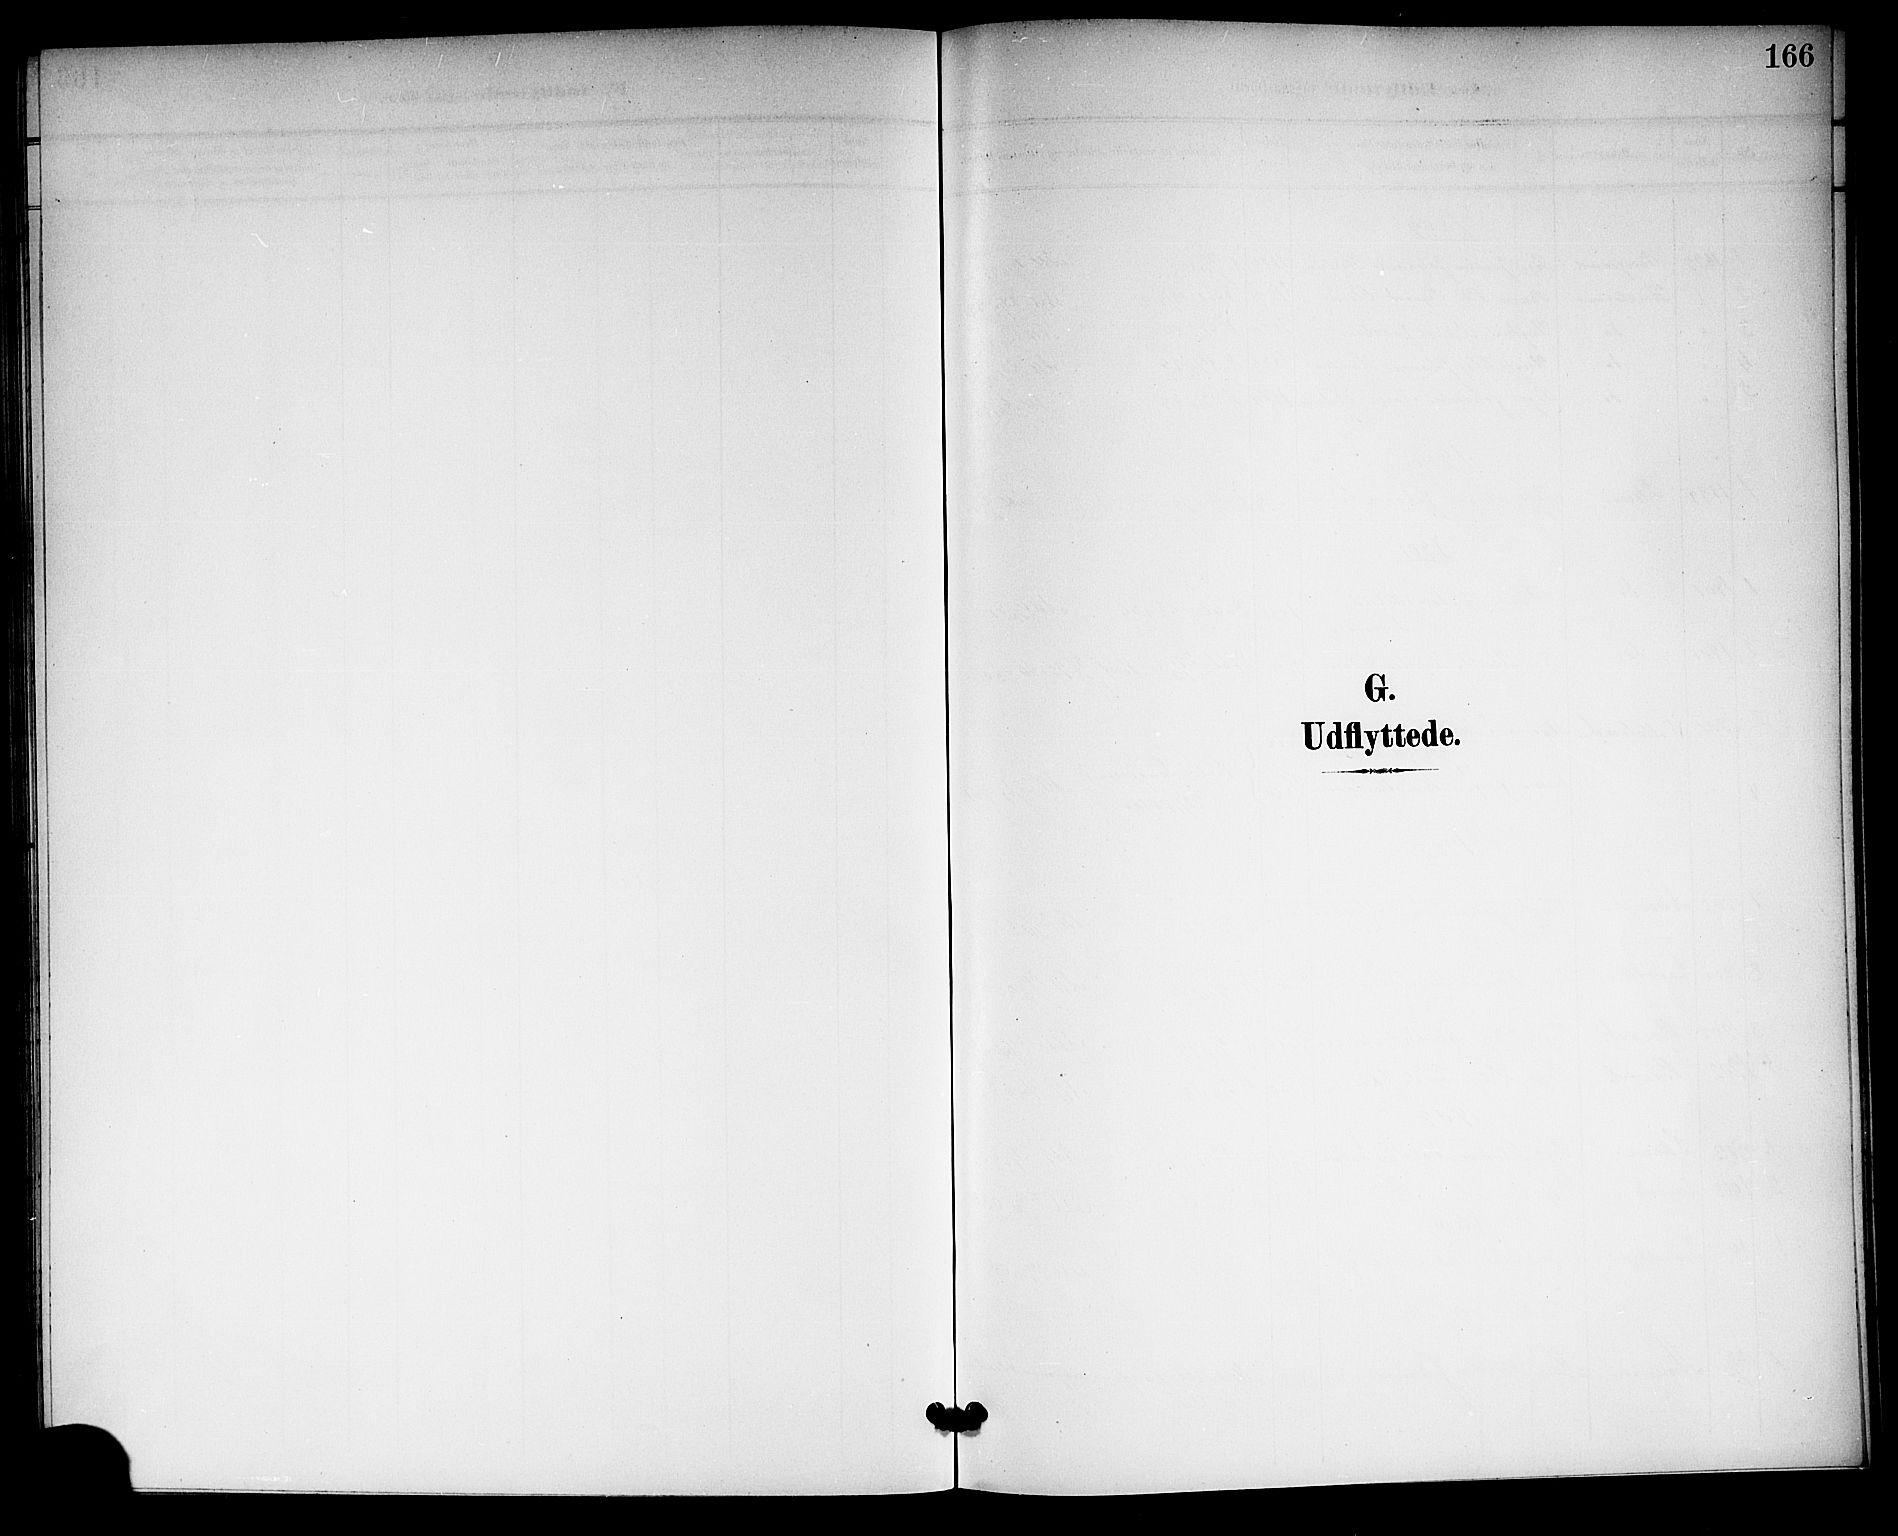 SAKO, Langesund kirkebøker, G/Ga/L0006: Klokkerbok nr. 6, 1899-1918, s. 166